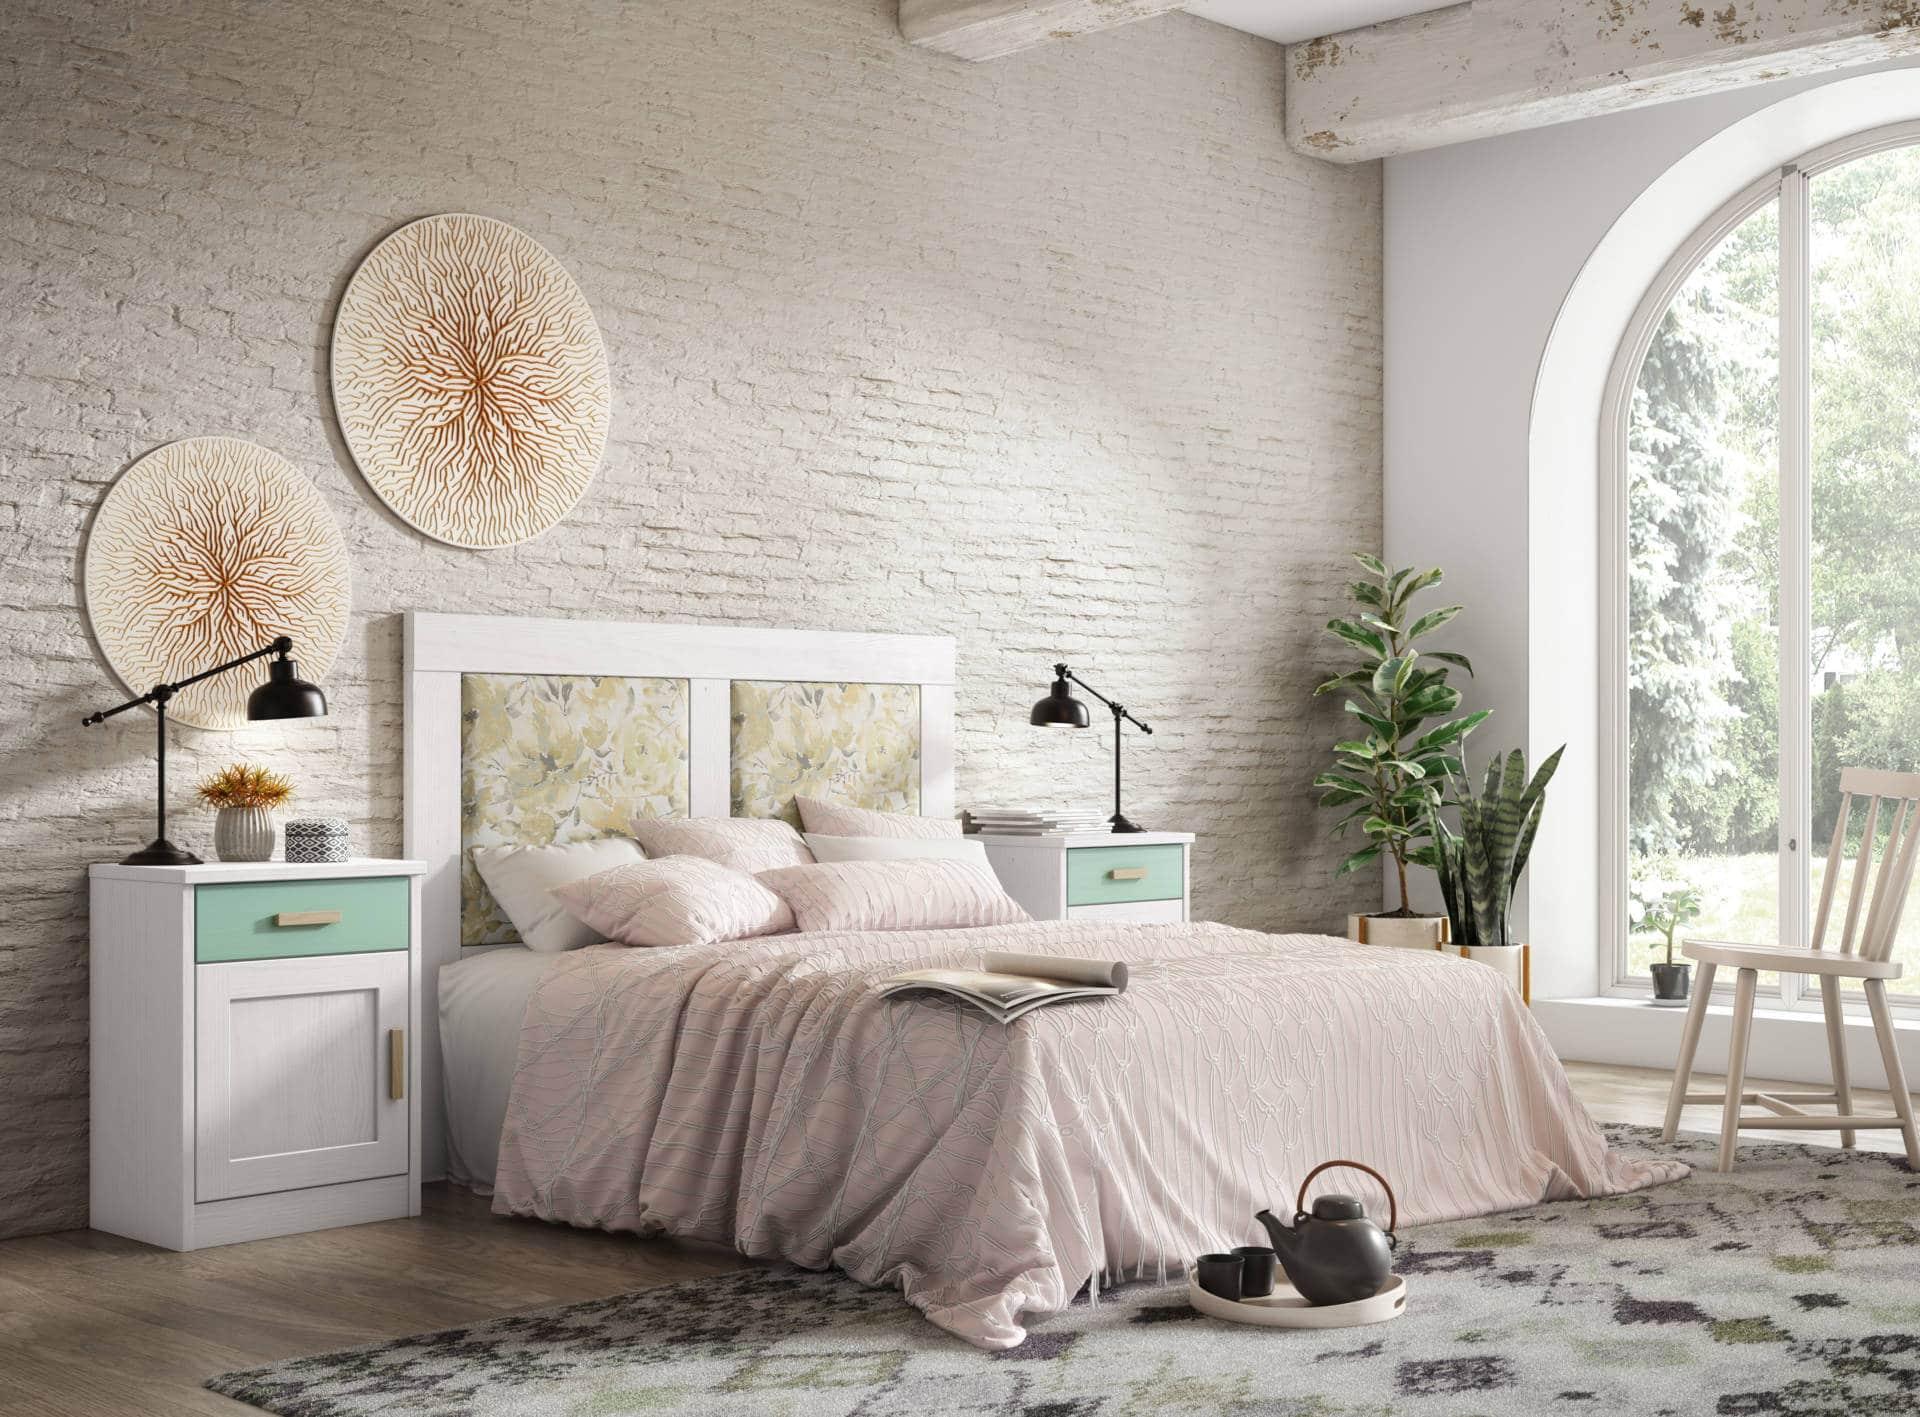 dormitorio_rustico_004